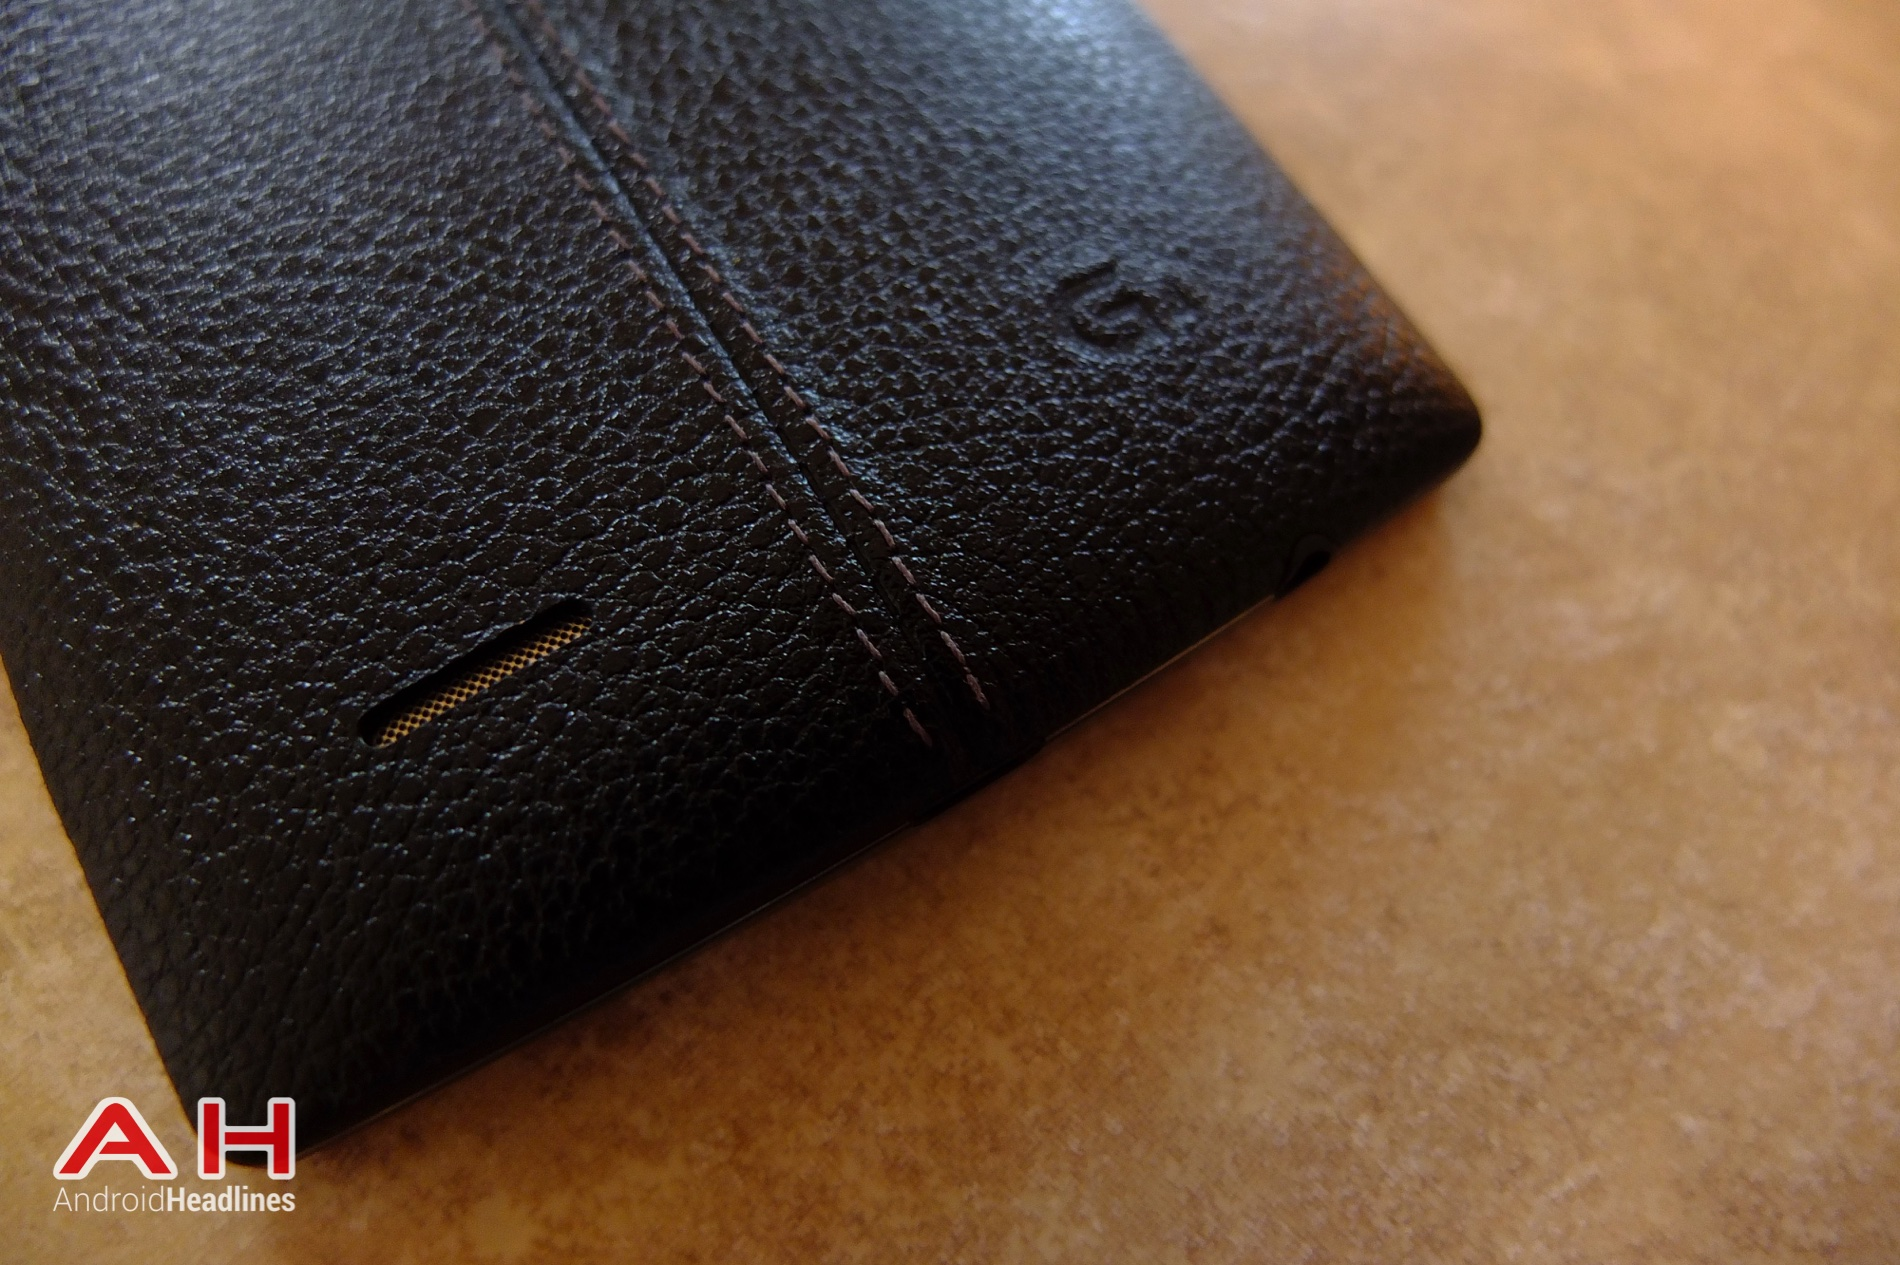 به روز رسانی اندروید 6 برای مدلهای اروپایی گوشی جی 4